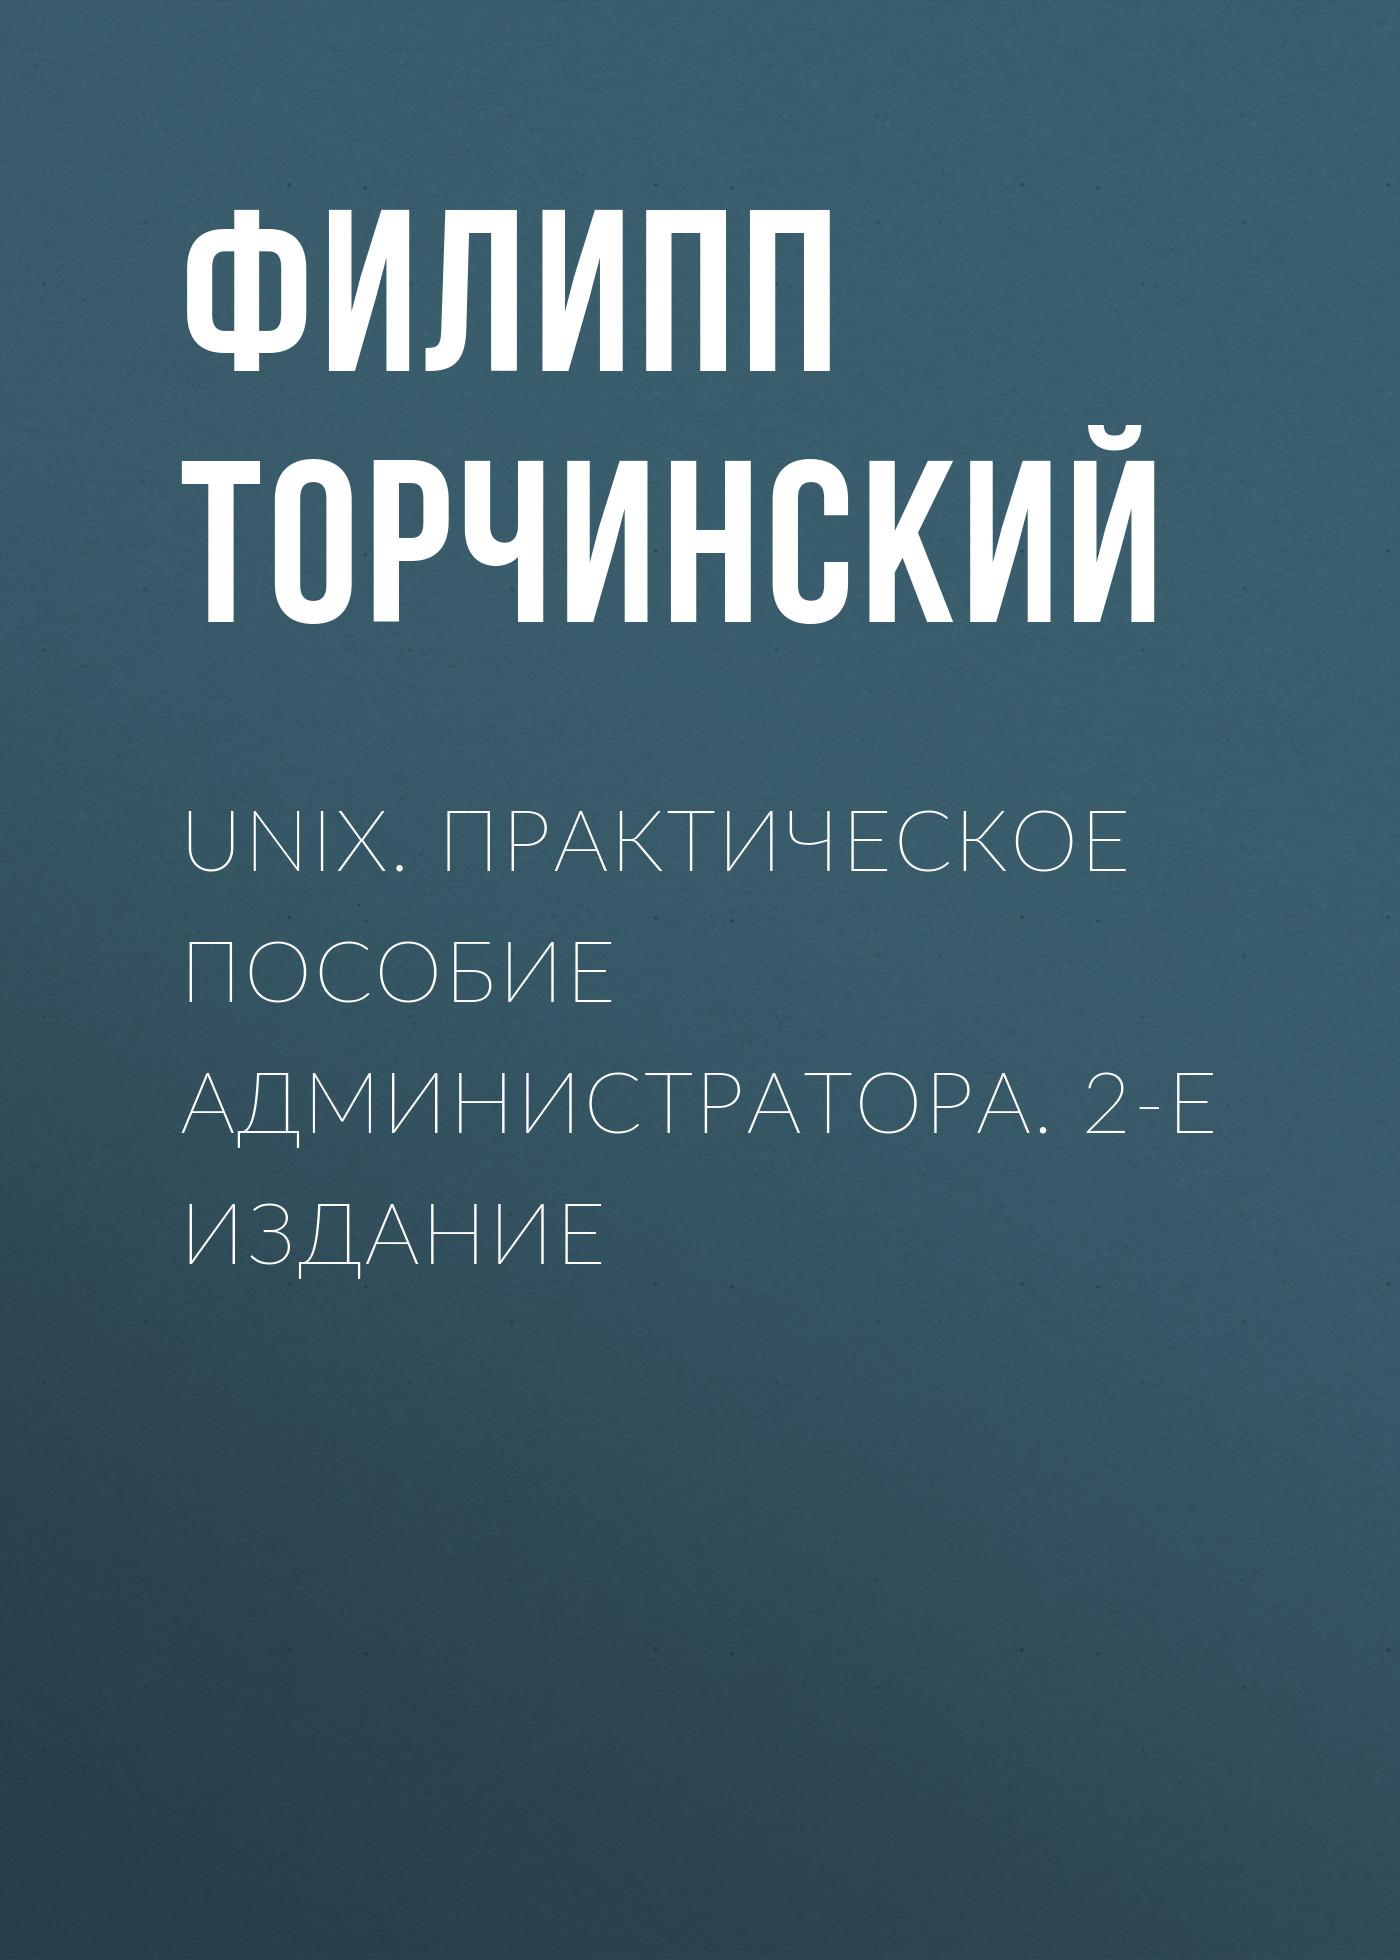 UNIX.Практическое пособие администратора. 2-е издание